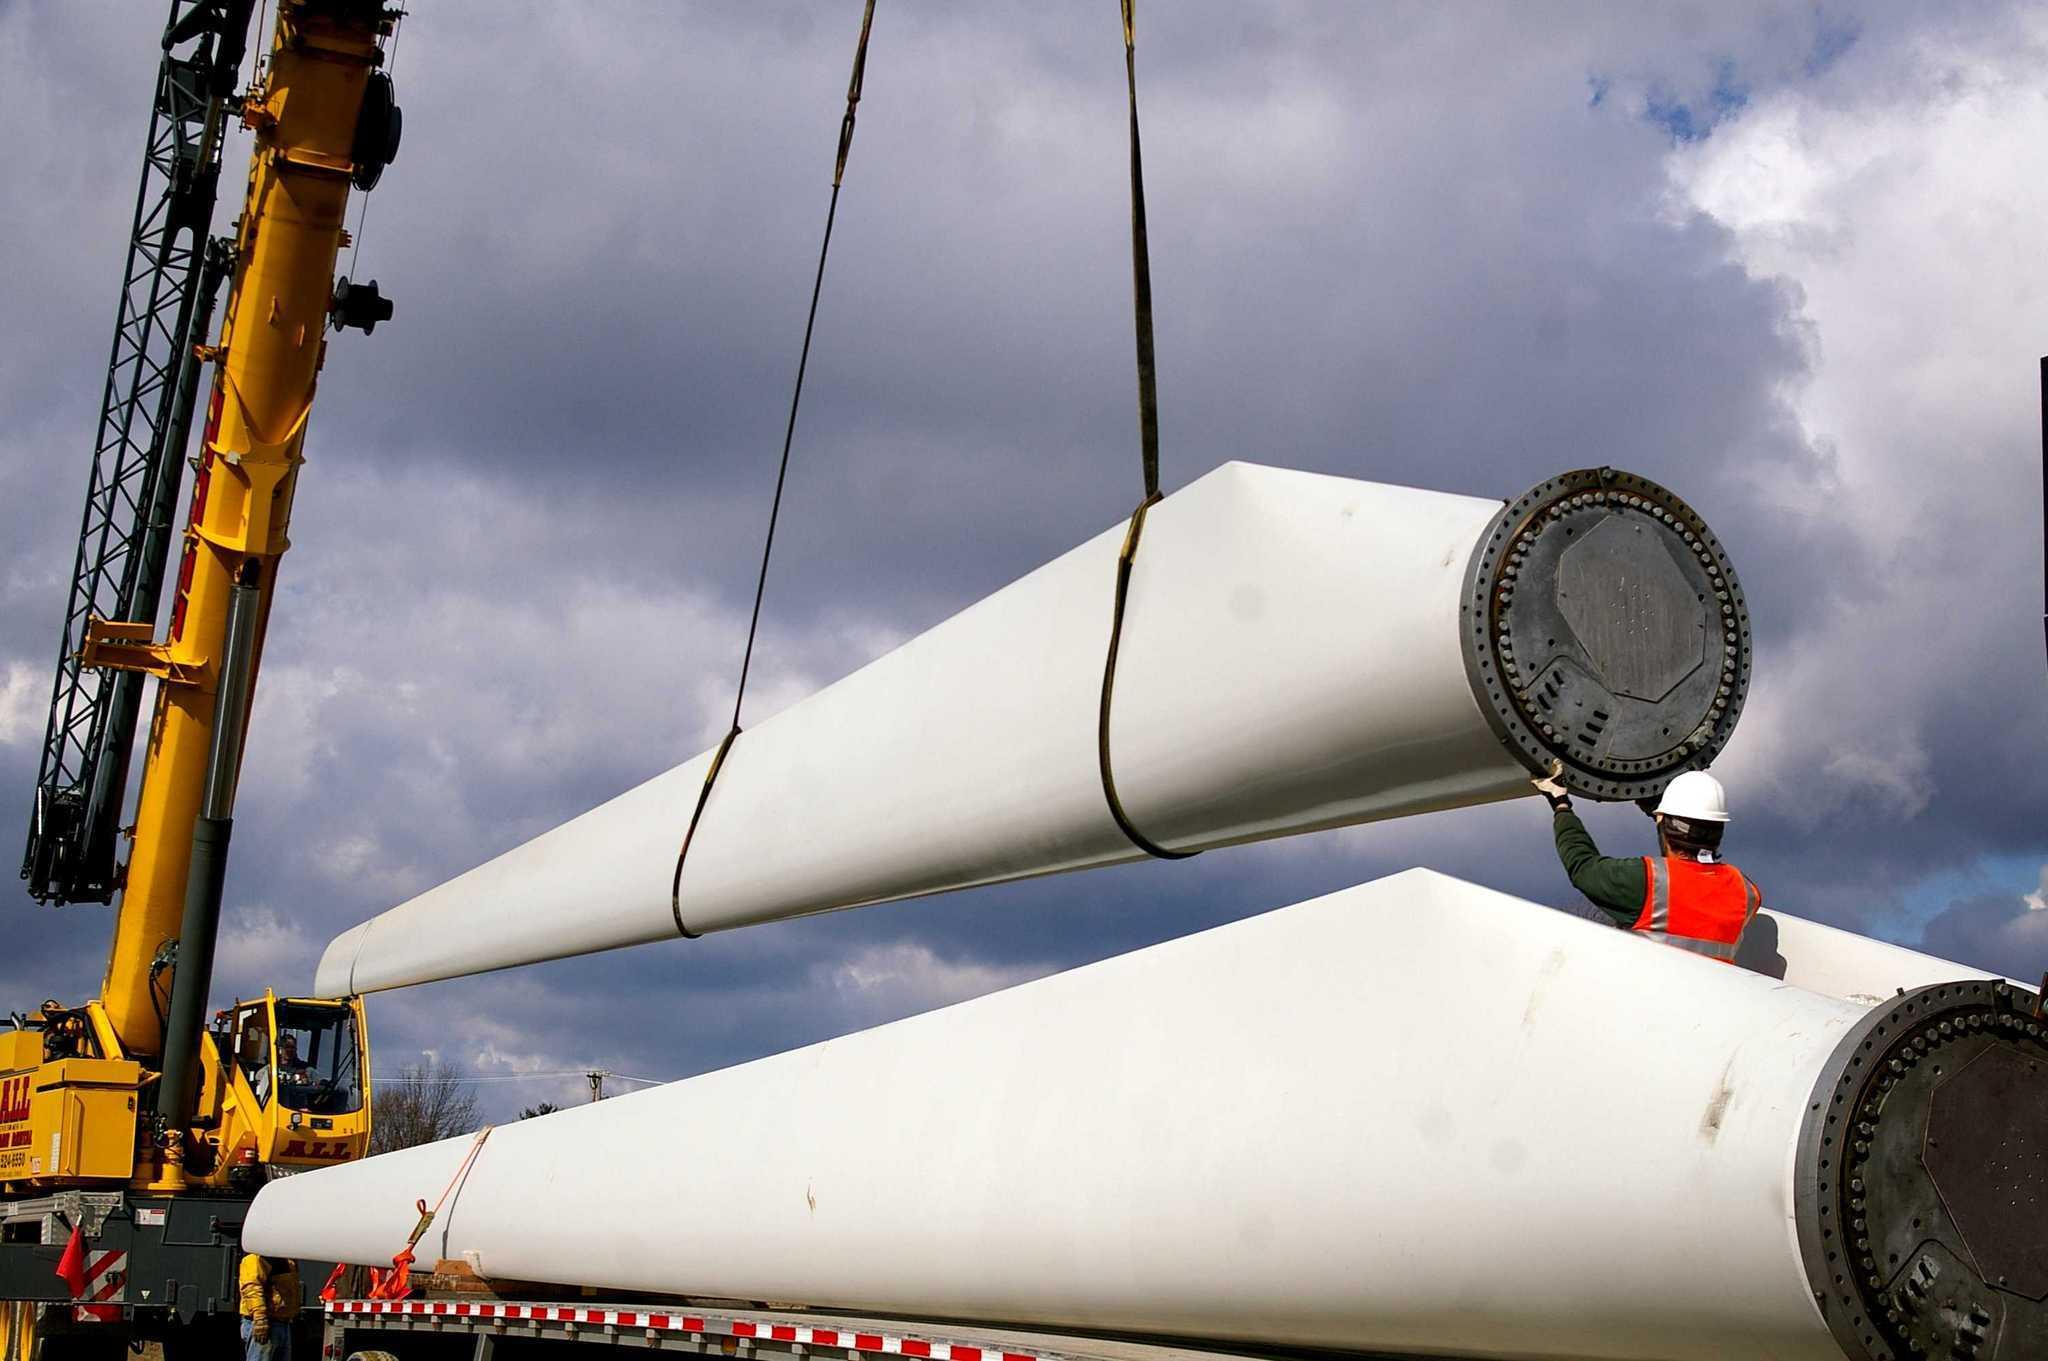 Eólica: autorizan parques eólicos en Albacete y Cuenca